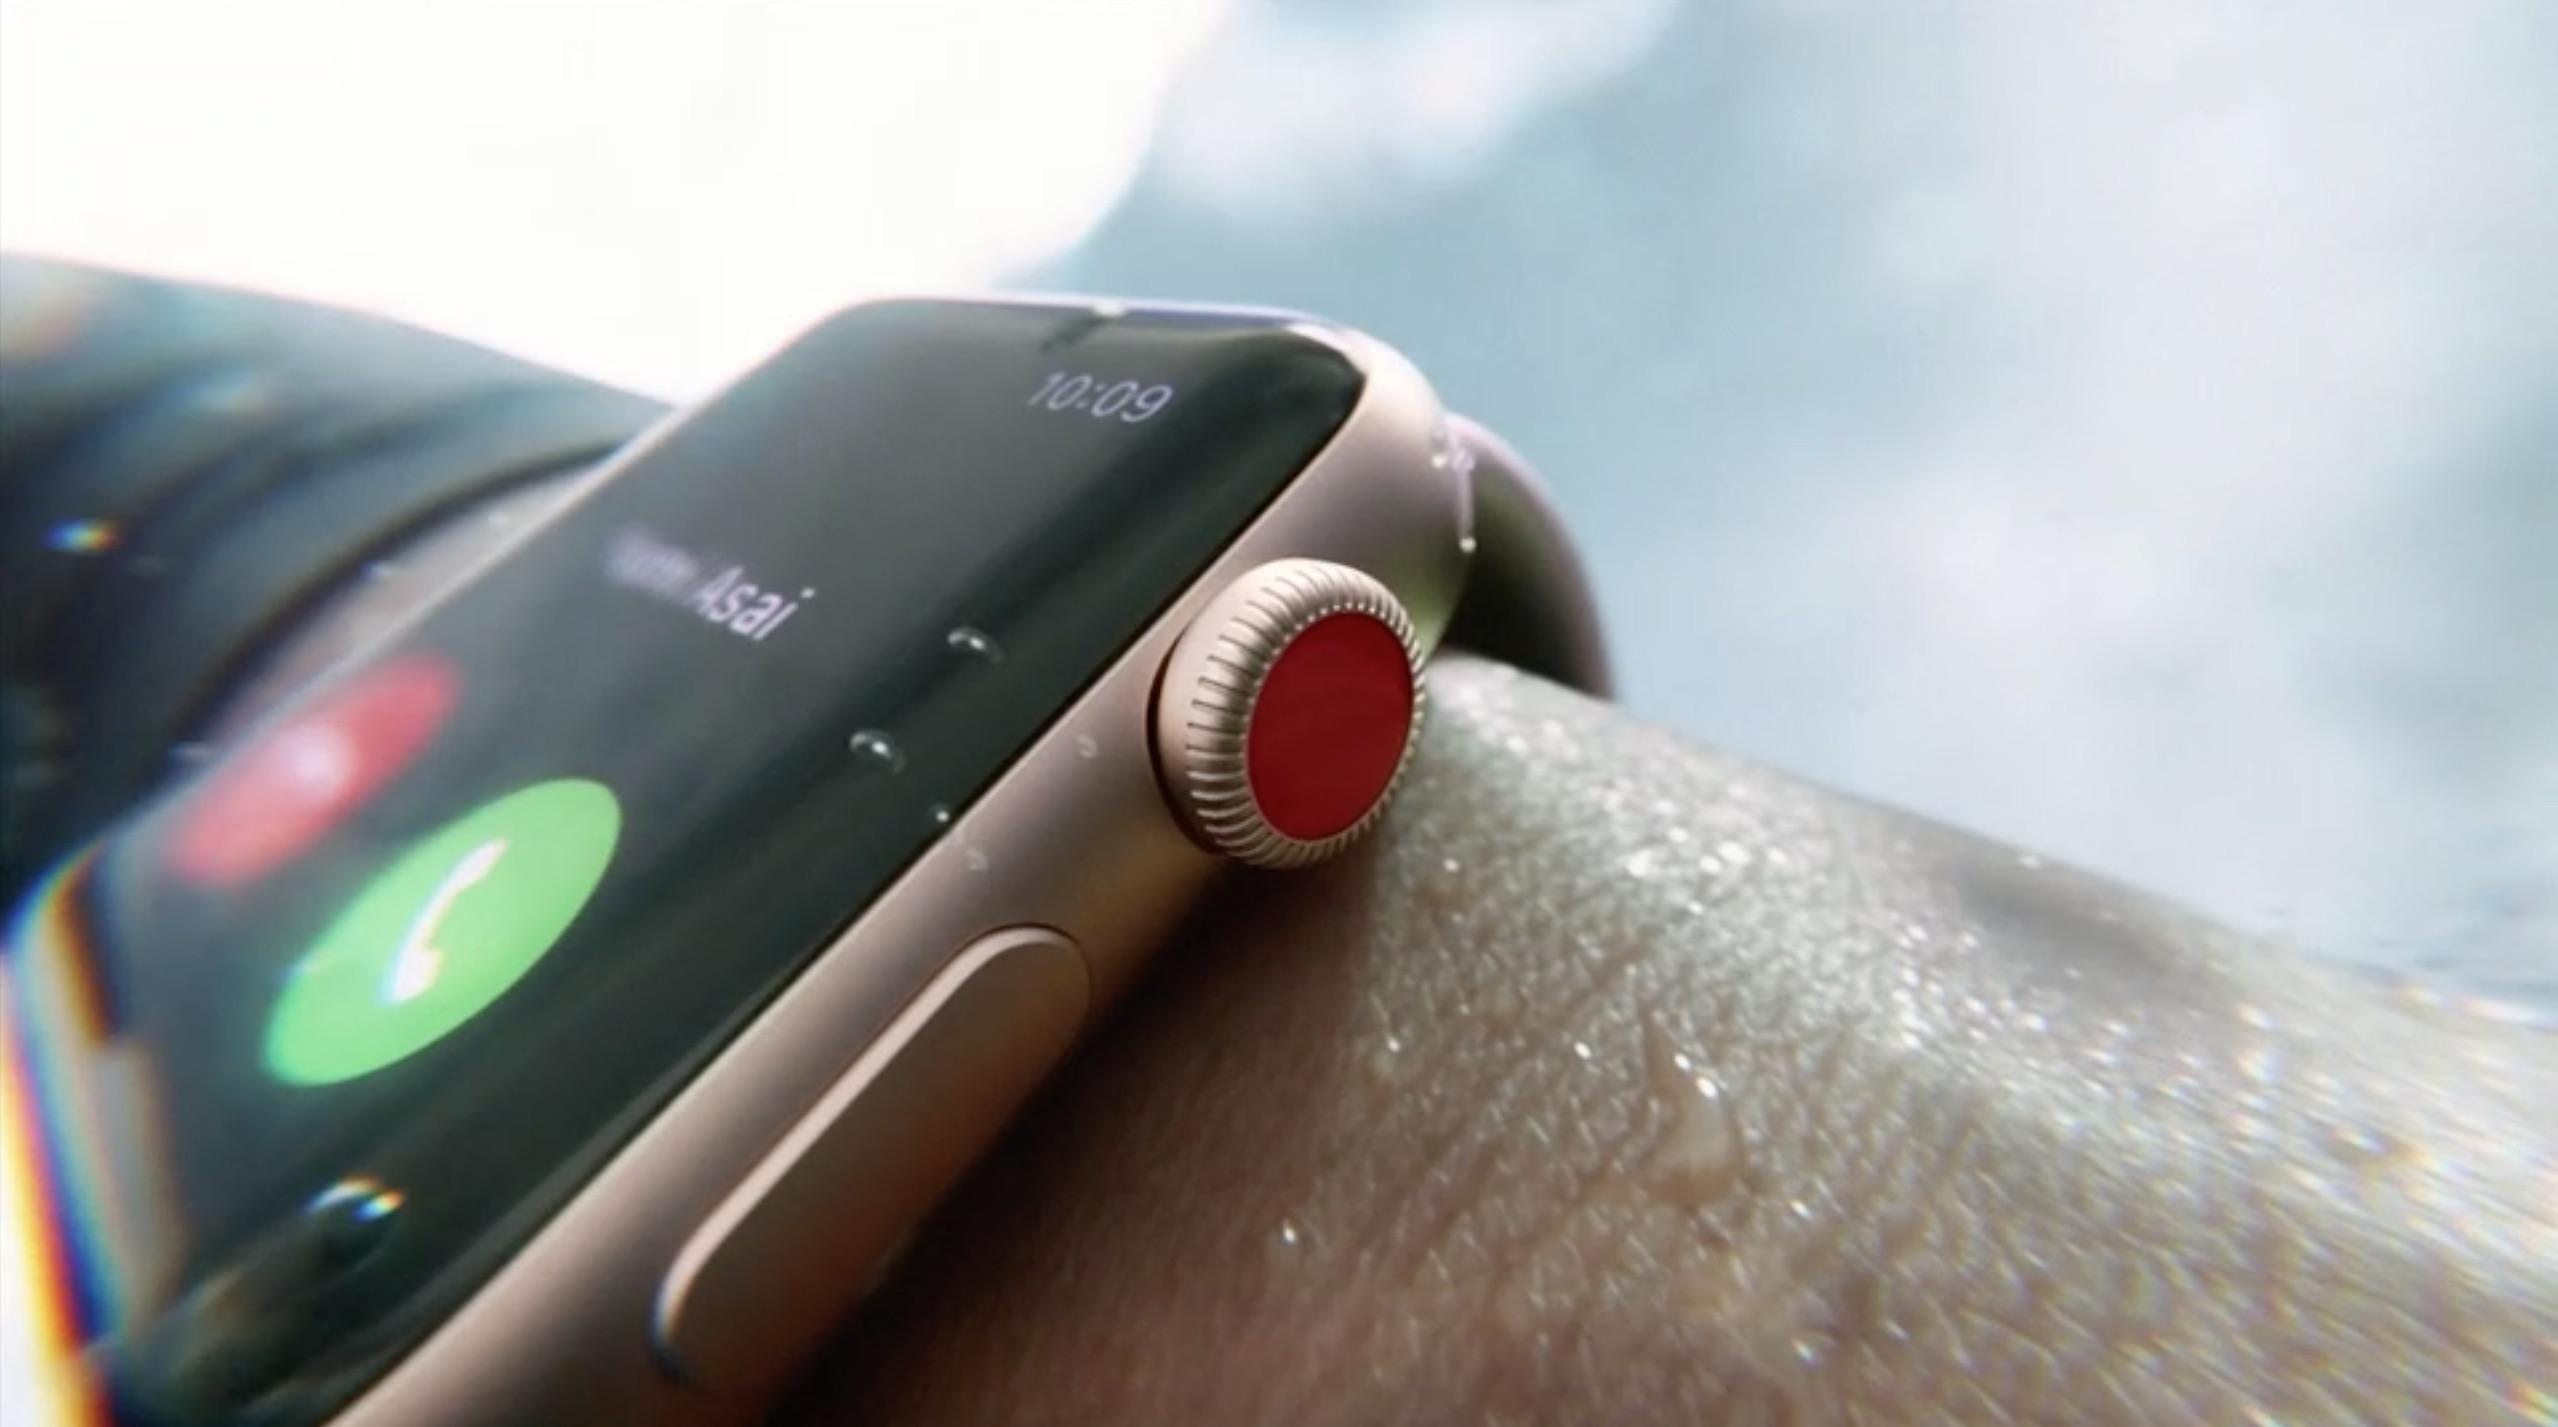 Apple Watch Series 3 waterbestendigheid